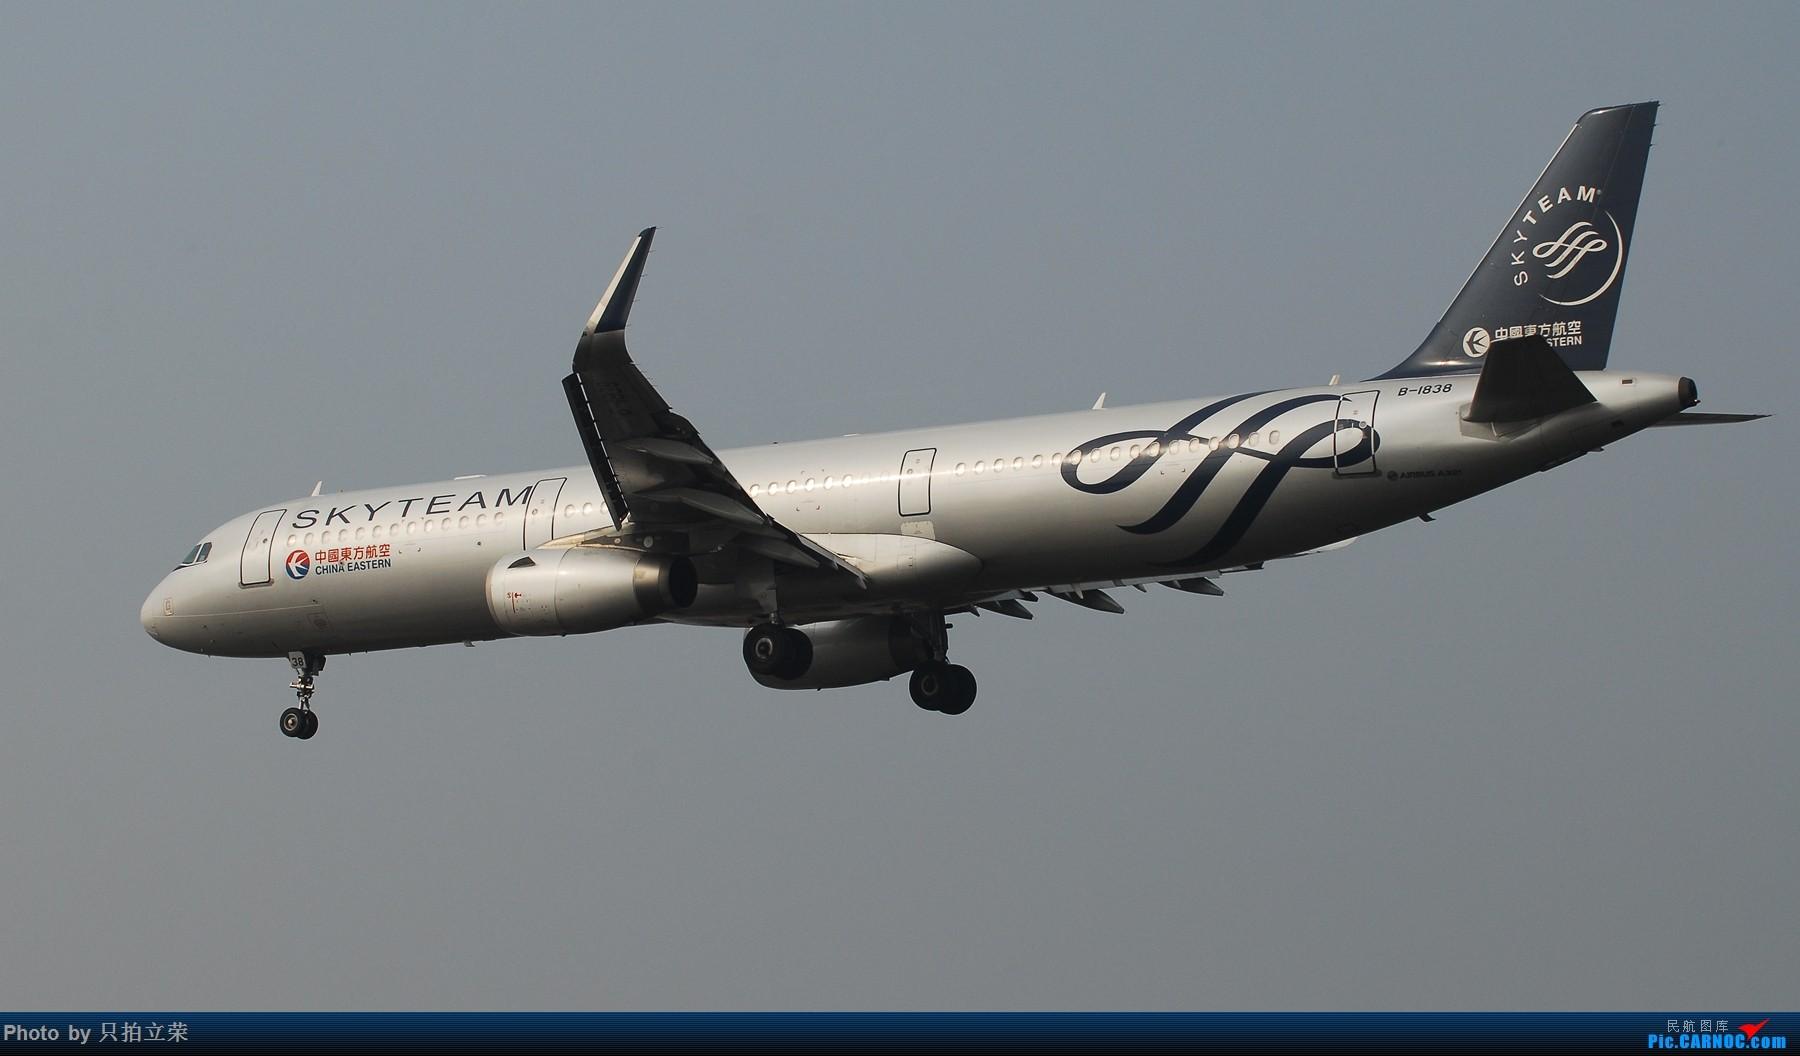 Re:[原创]湖南飞友会之,阿娇终于来长沙! AIRBUS A321-200 B-1838 中国长沙黄花国际机场